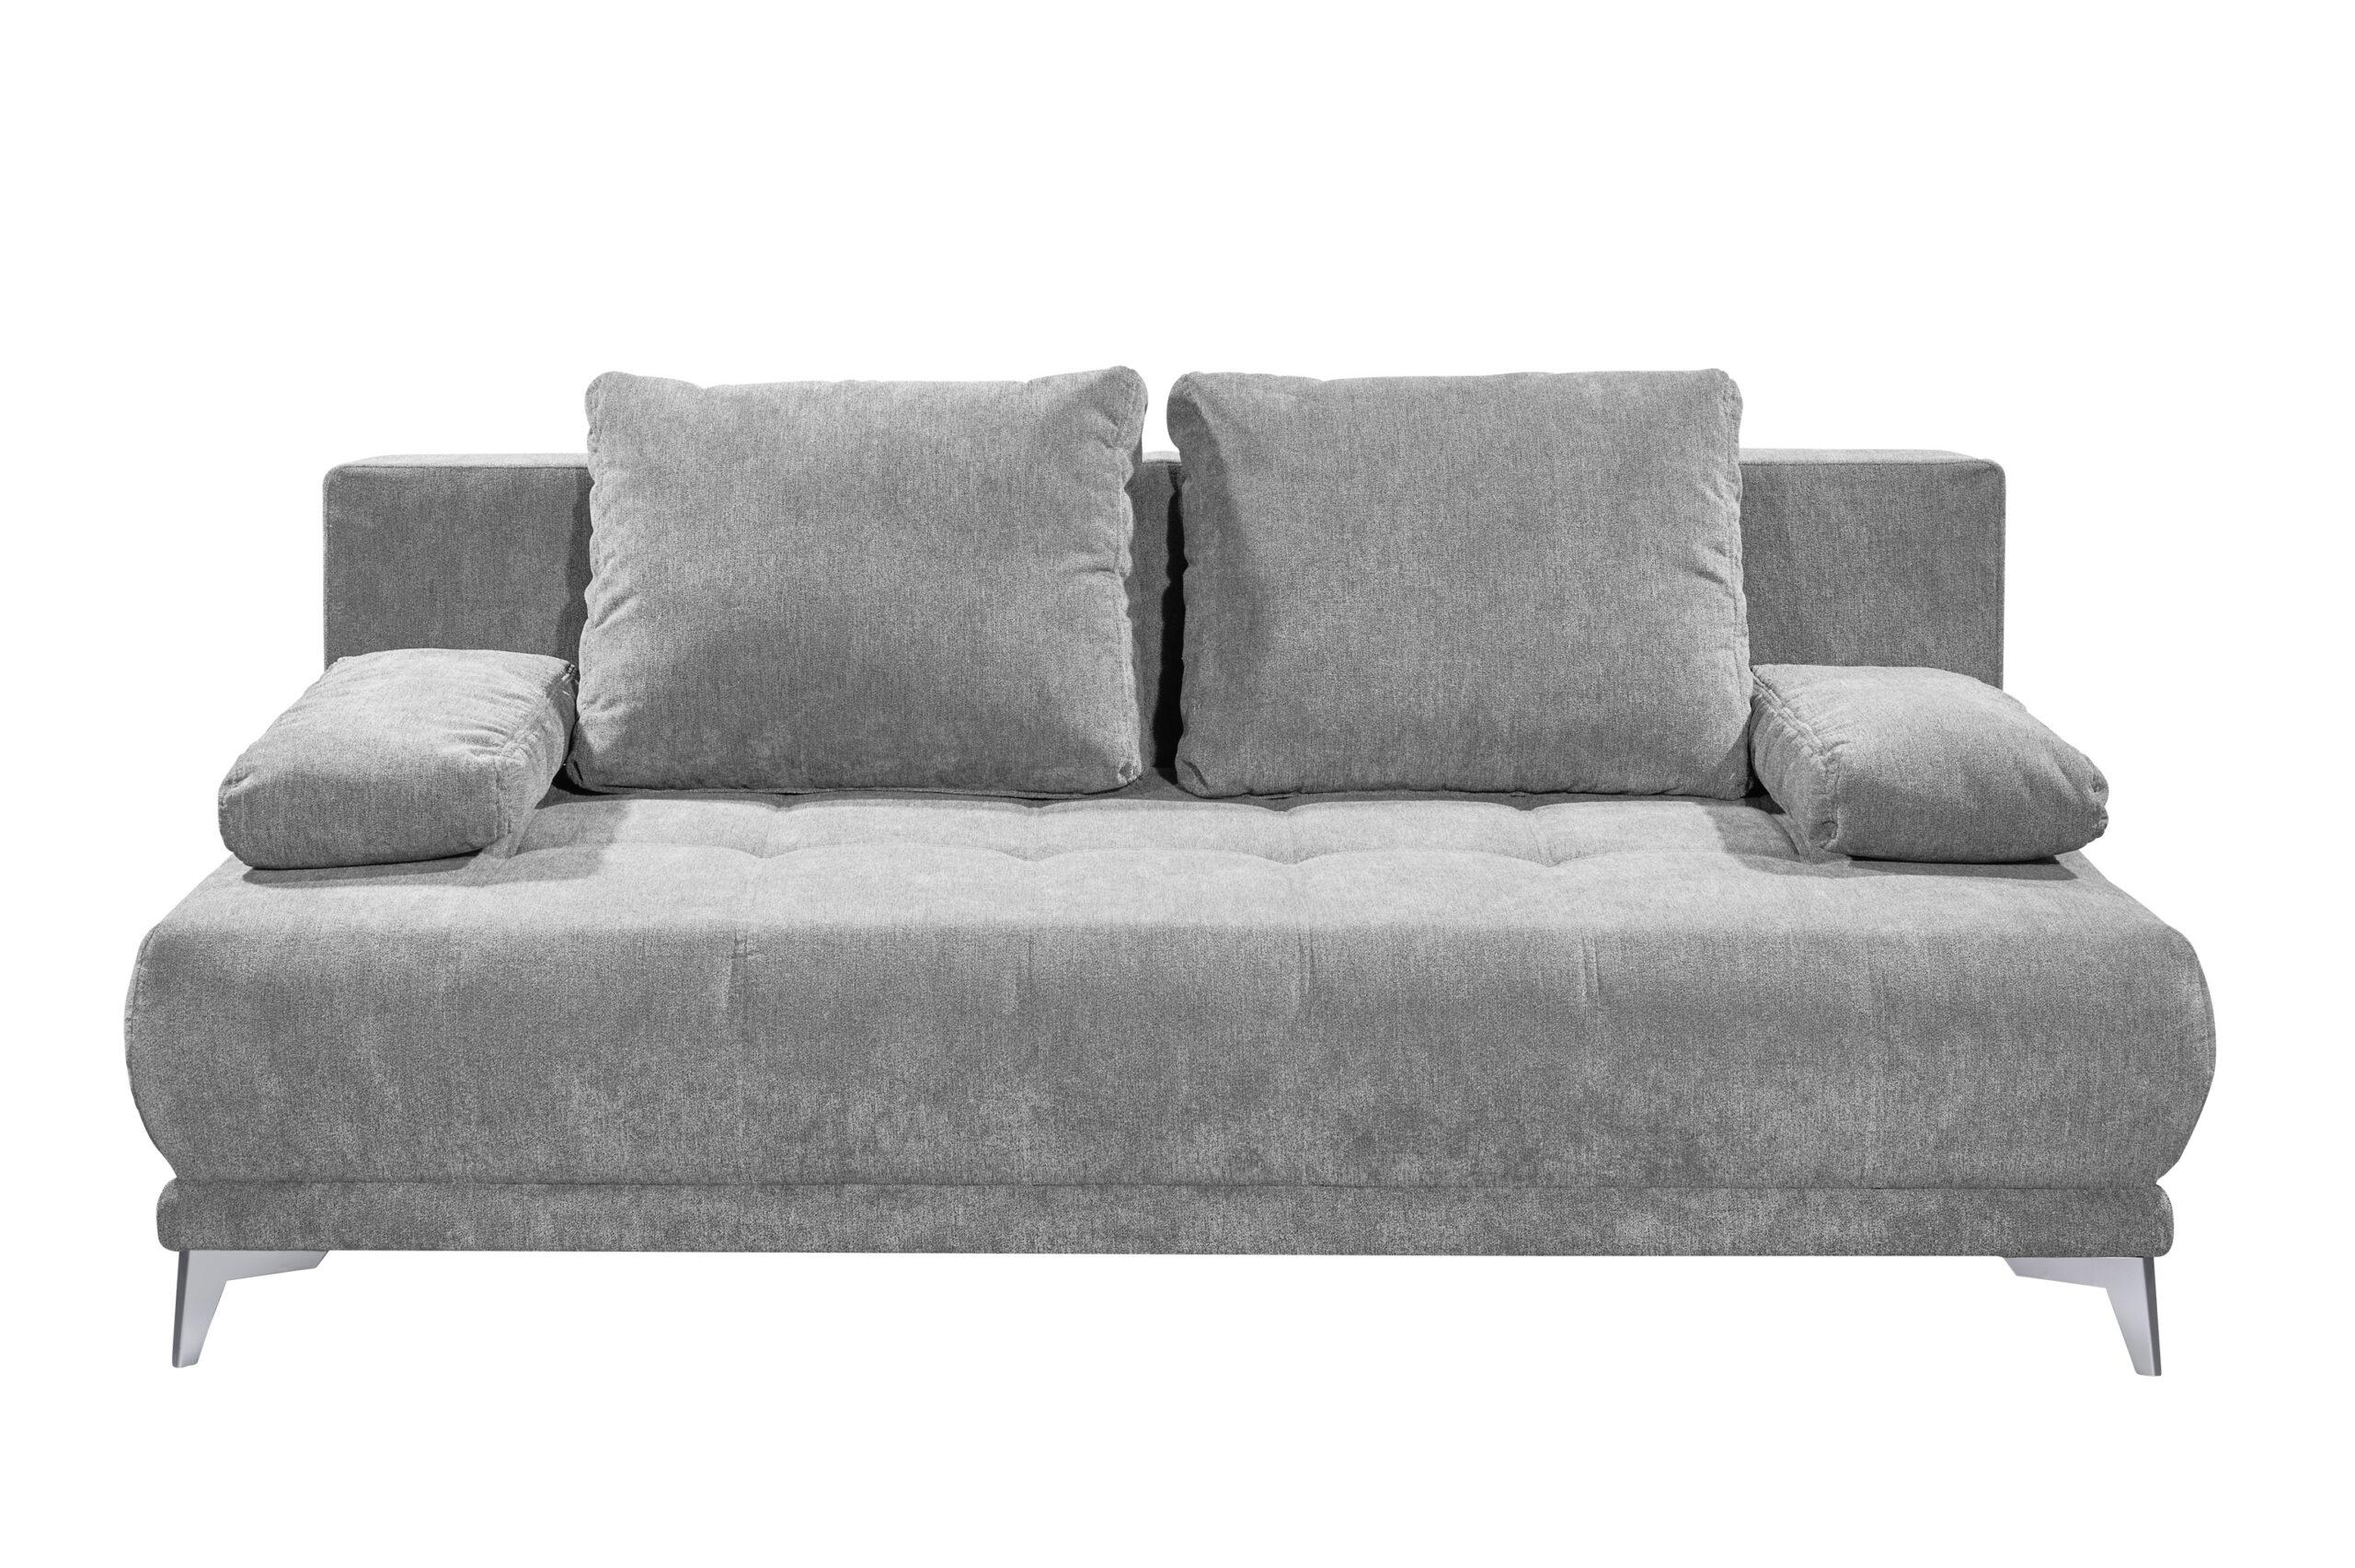 Full Size of Couch Sofa Zweisitzer Jenny Schlafcouch Schlafsofa Ausziehbar Leder 3 Sitzer Neu Beziehen Lassen 2er Grau Günstige Esszimmer überzug Hussen Aus Matratzen Sofa Günstige Sofa